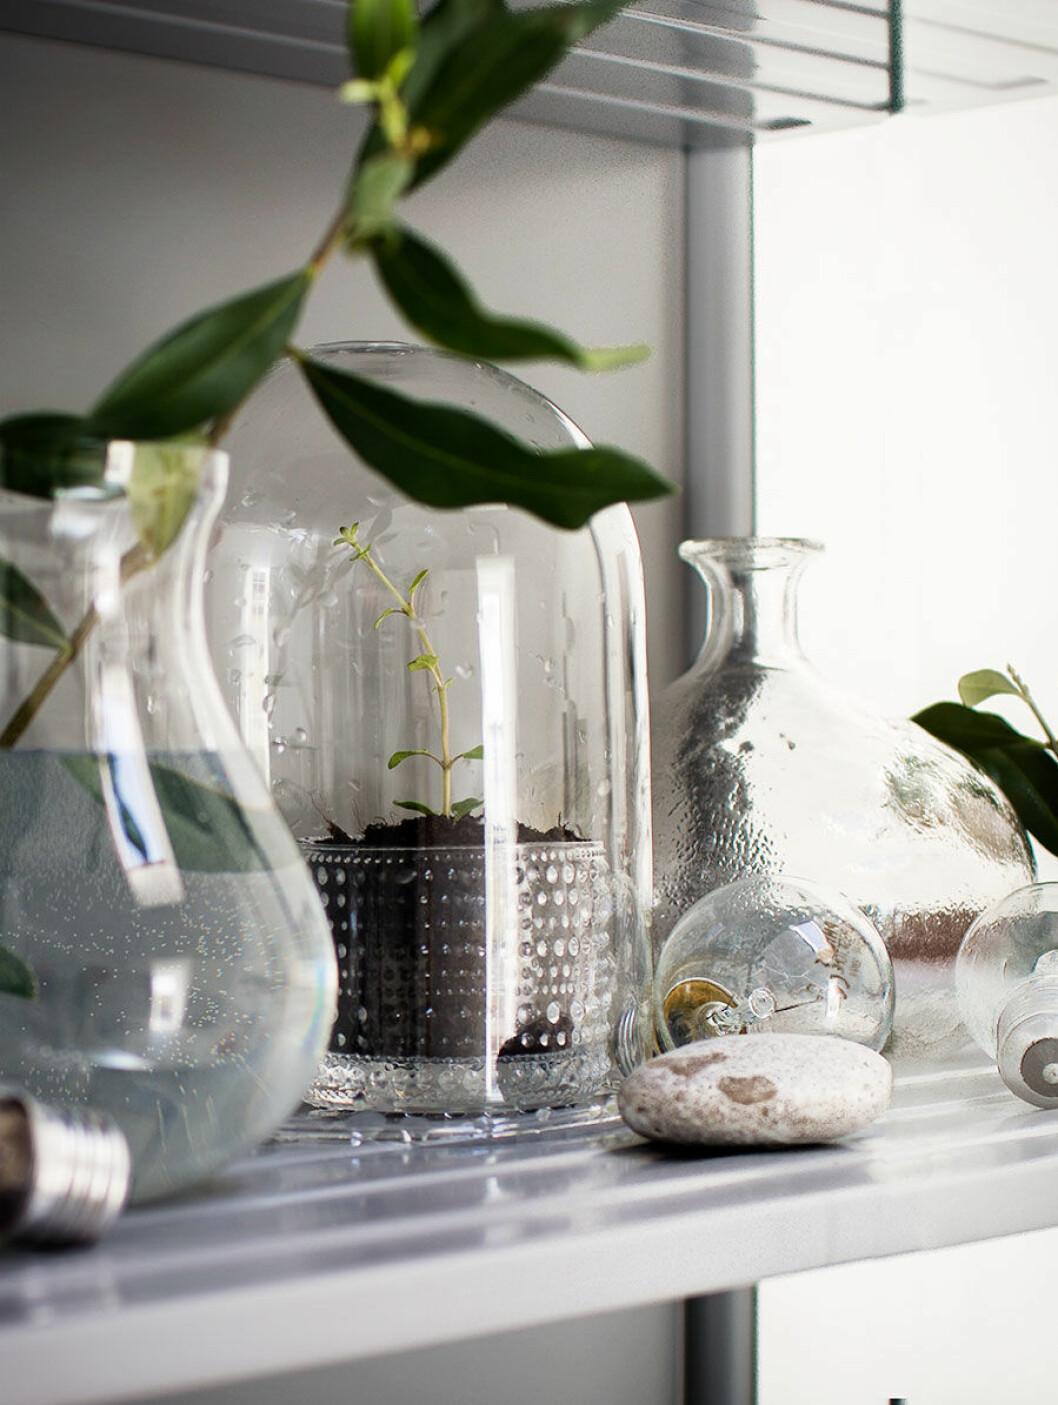 Glasflaskor med odling